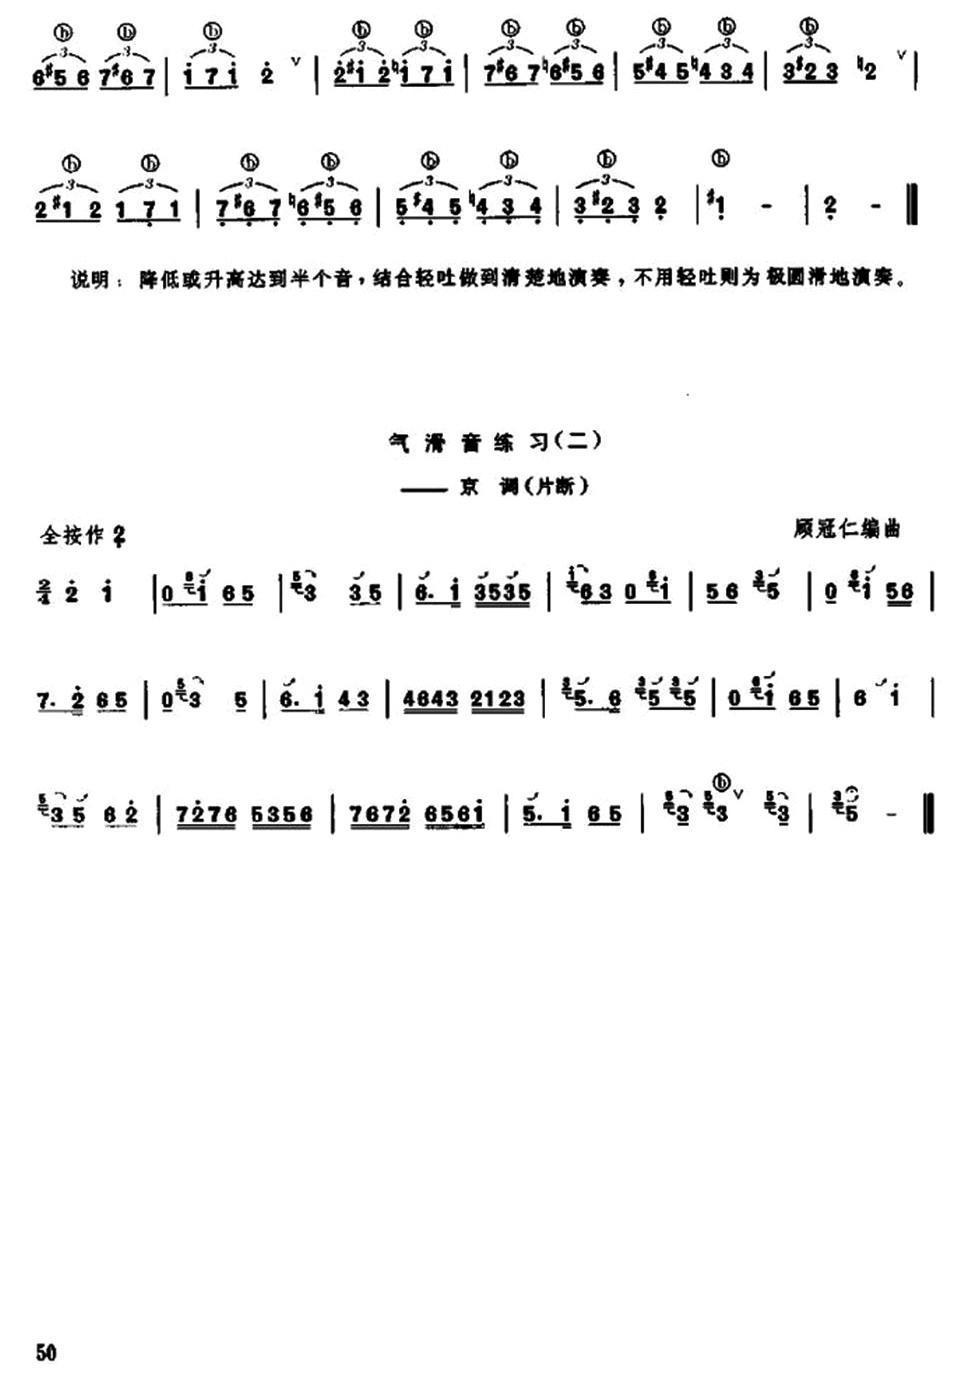 下载:笛子滑音练习笛子(箫)曲谱(图4)-笛子滑音练习